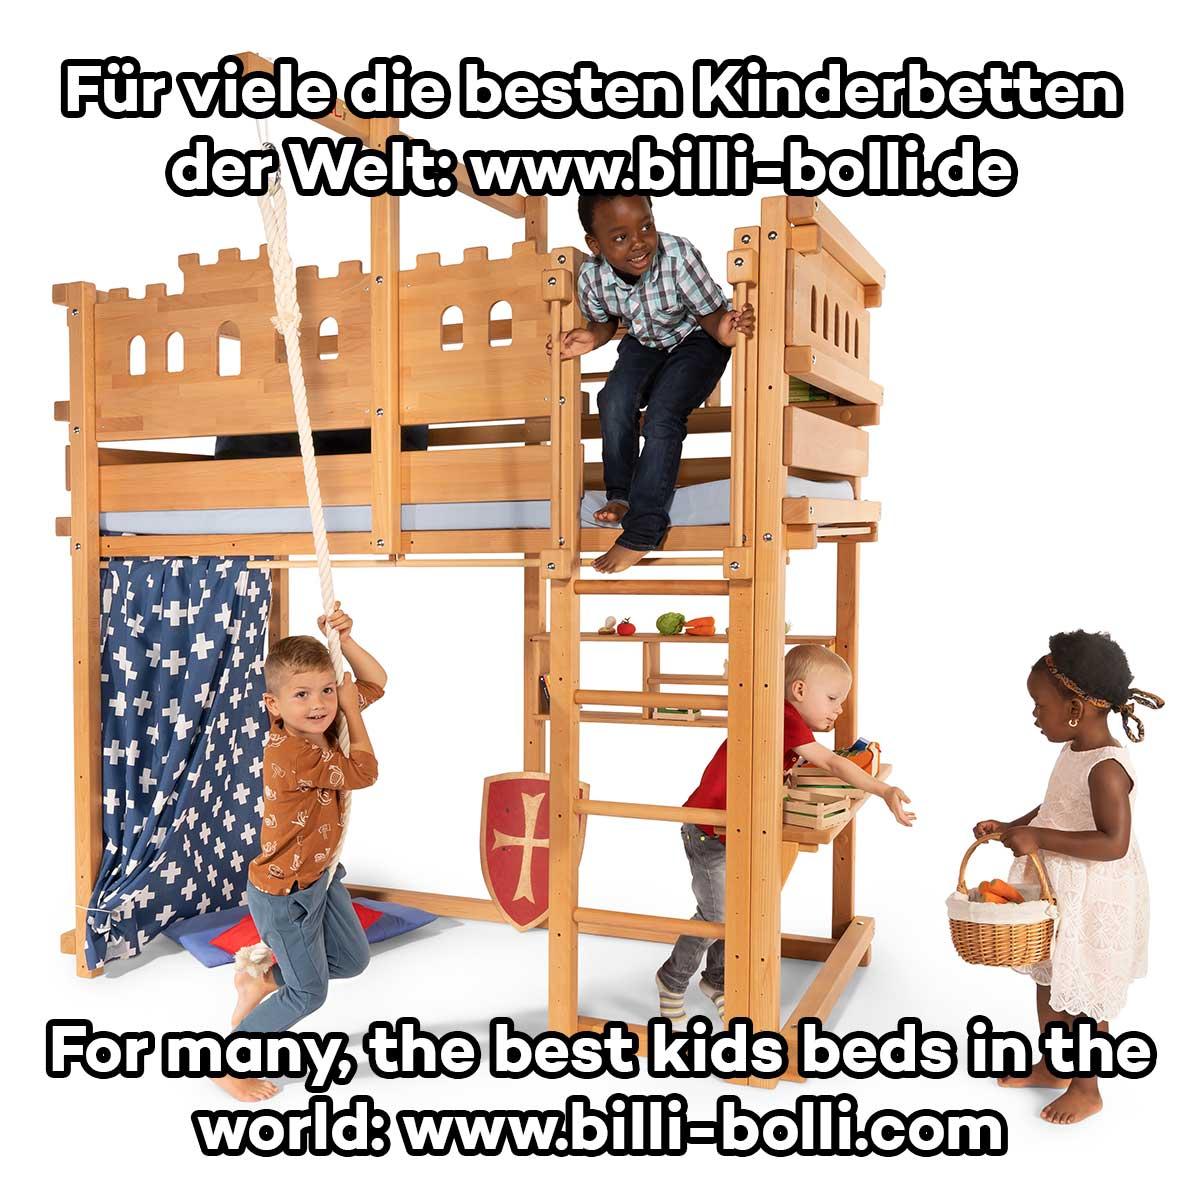 Mitwachsendes hochbett von billi bolli kinderbett ebay for Billi bolli hochbett